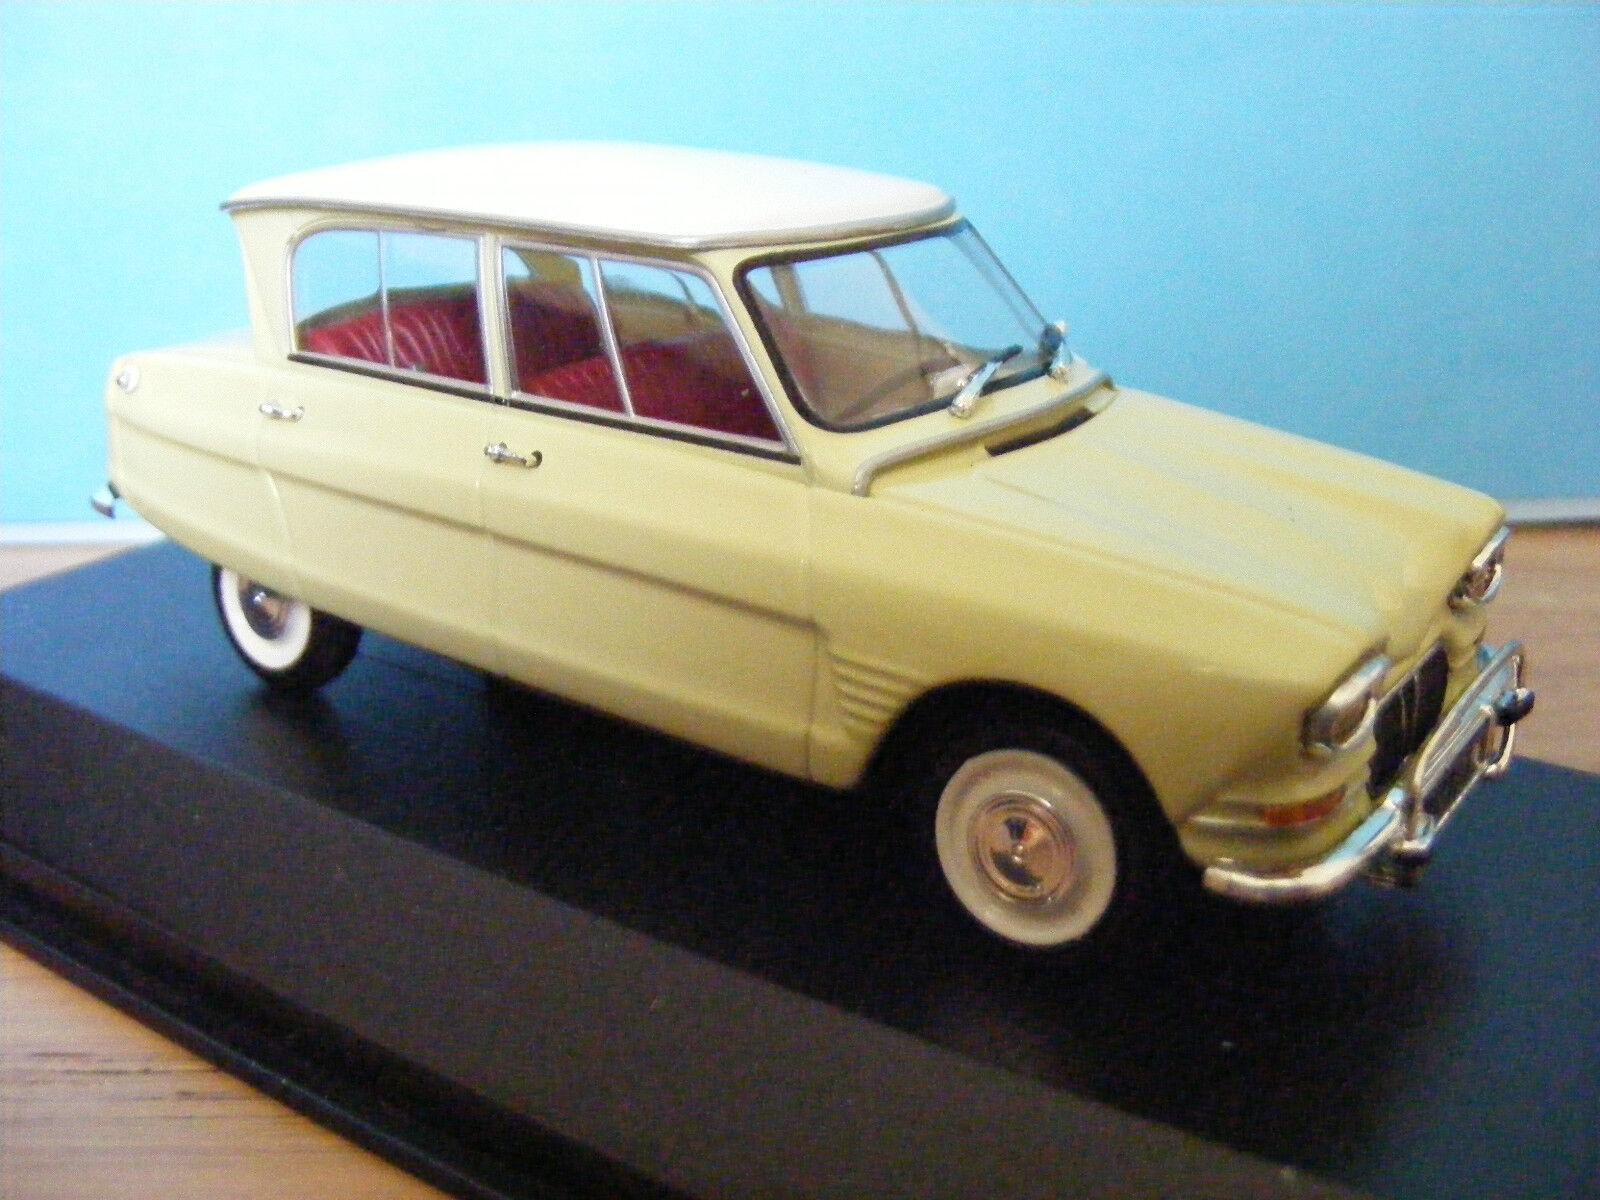 CITROEN Ami 6, 1964 1964 1964 Minichamps rara Modelo 1 43 nla 7f791d